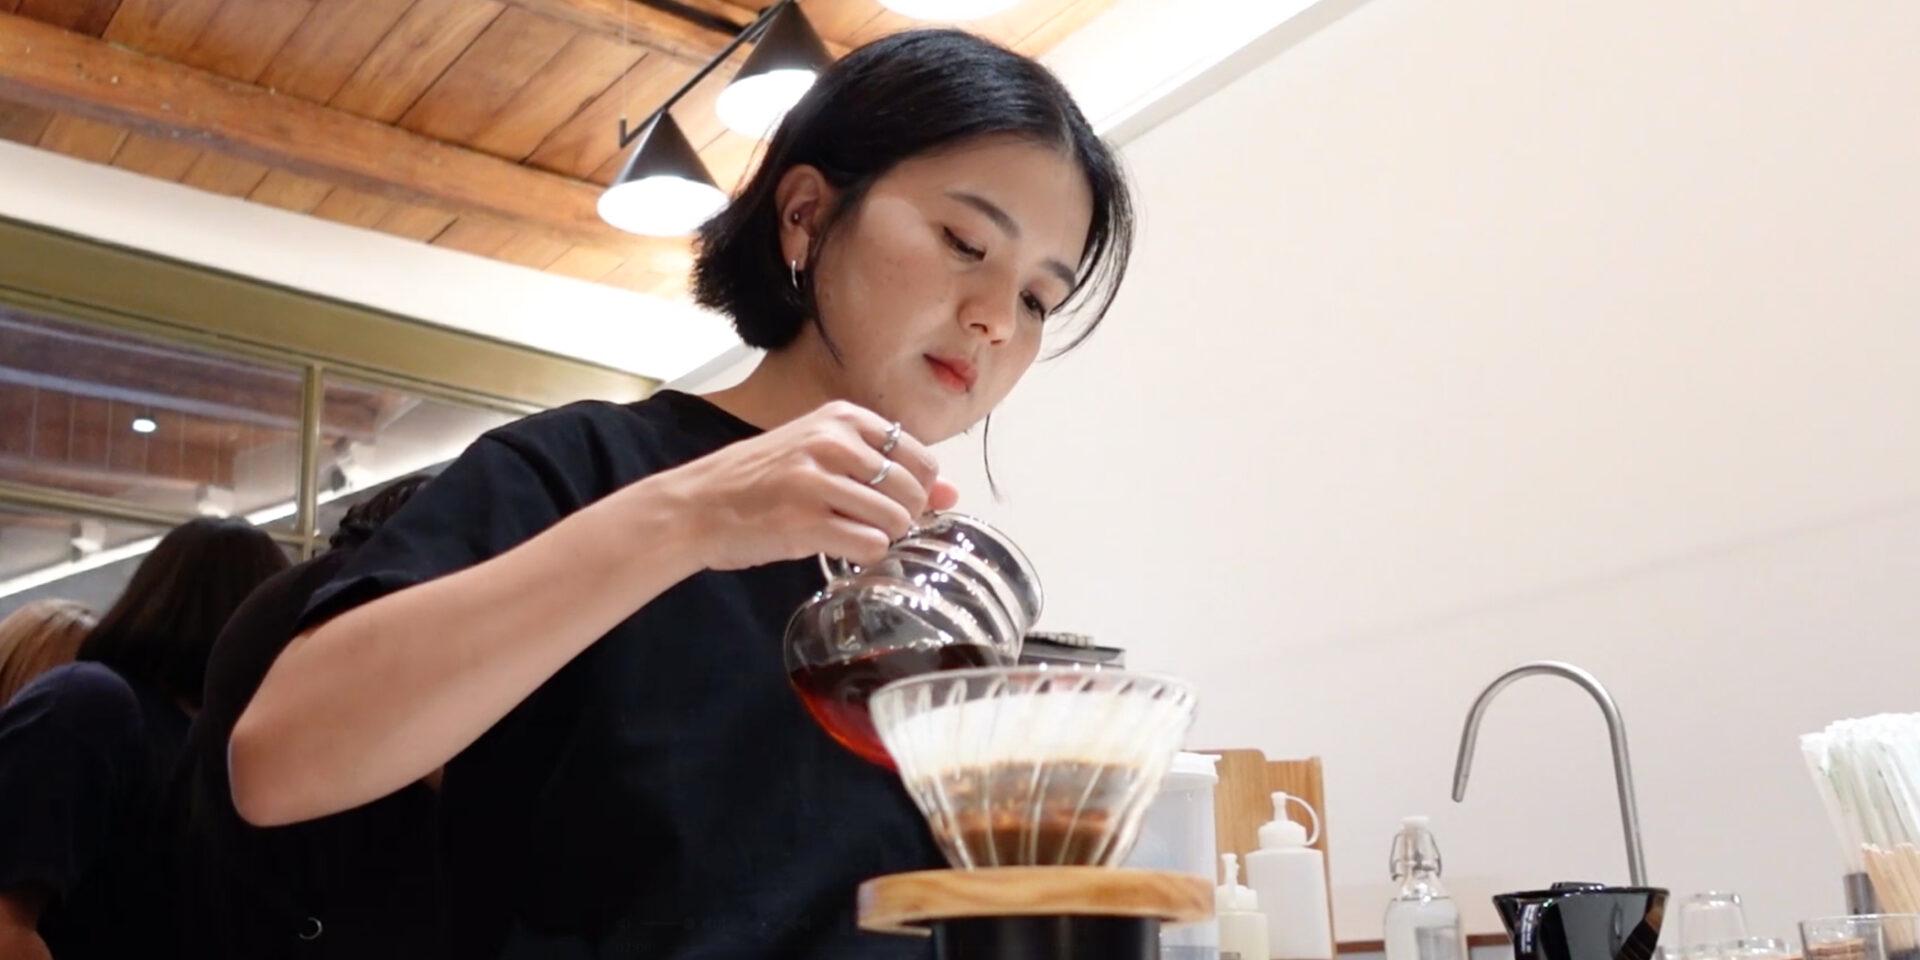 La Cabra Thailand ร้านกาแฟจากเดนมาร์กที่เสิร์ฟรสชาติและวัฒนธรรมการดื่มกาแฟแบบชาวสแกนดิเนเวียนให้คนไทยได้รู้จัก